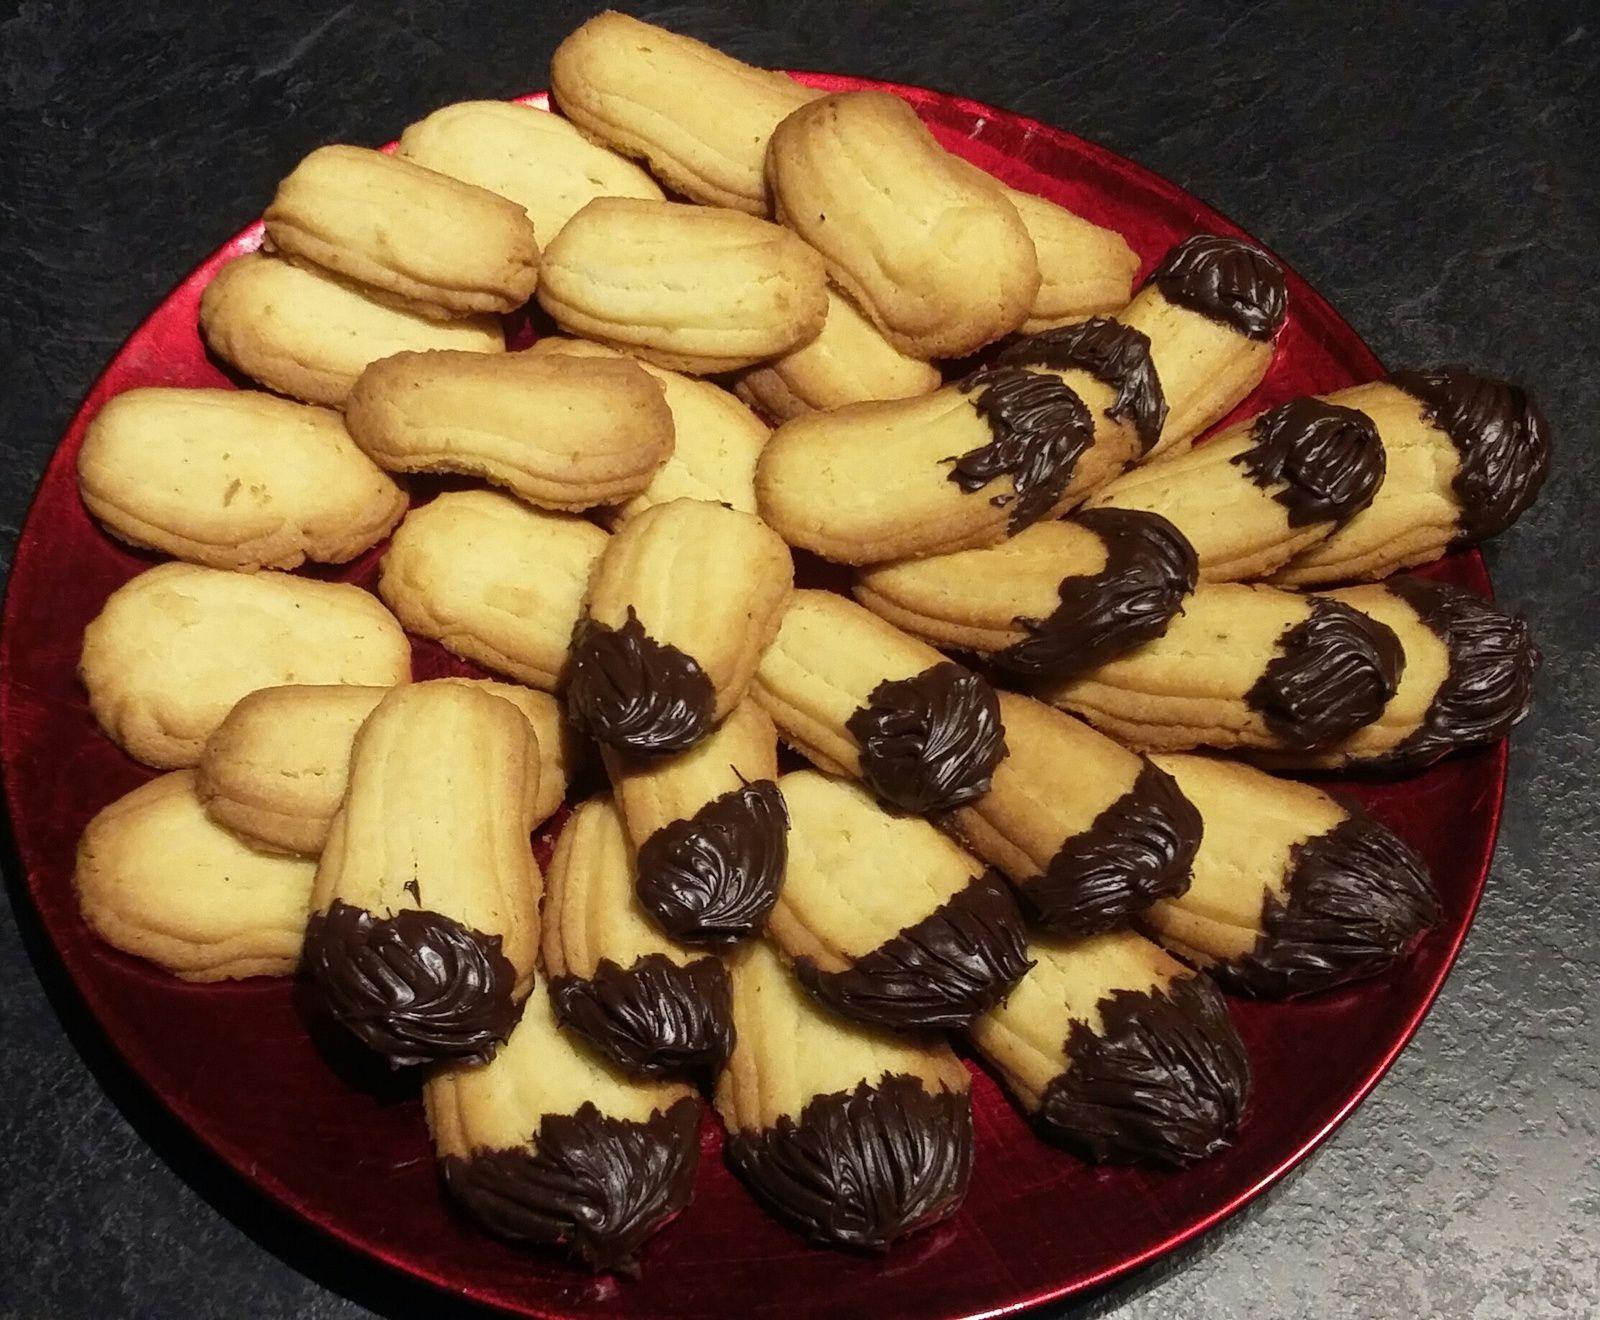 sablés vanille (et chocolat) pour utiliser les blancs d'oeufs